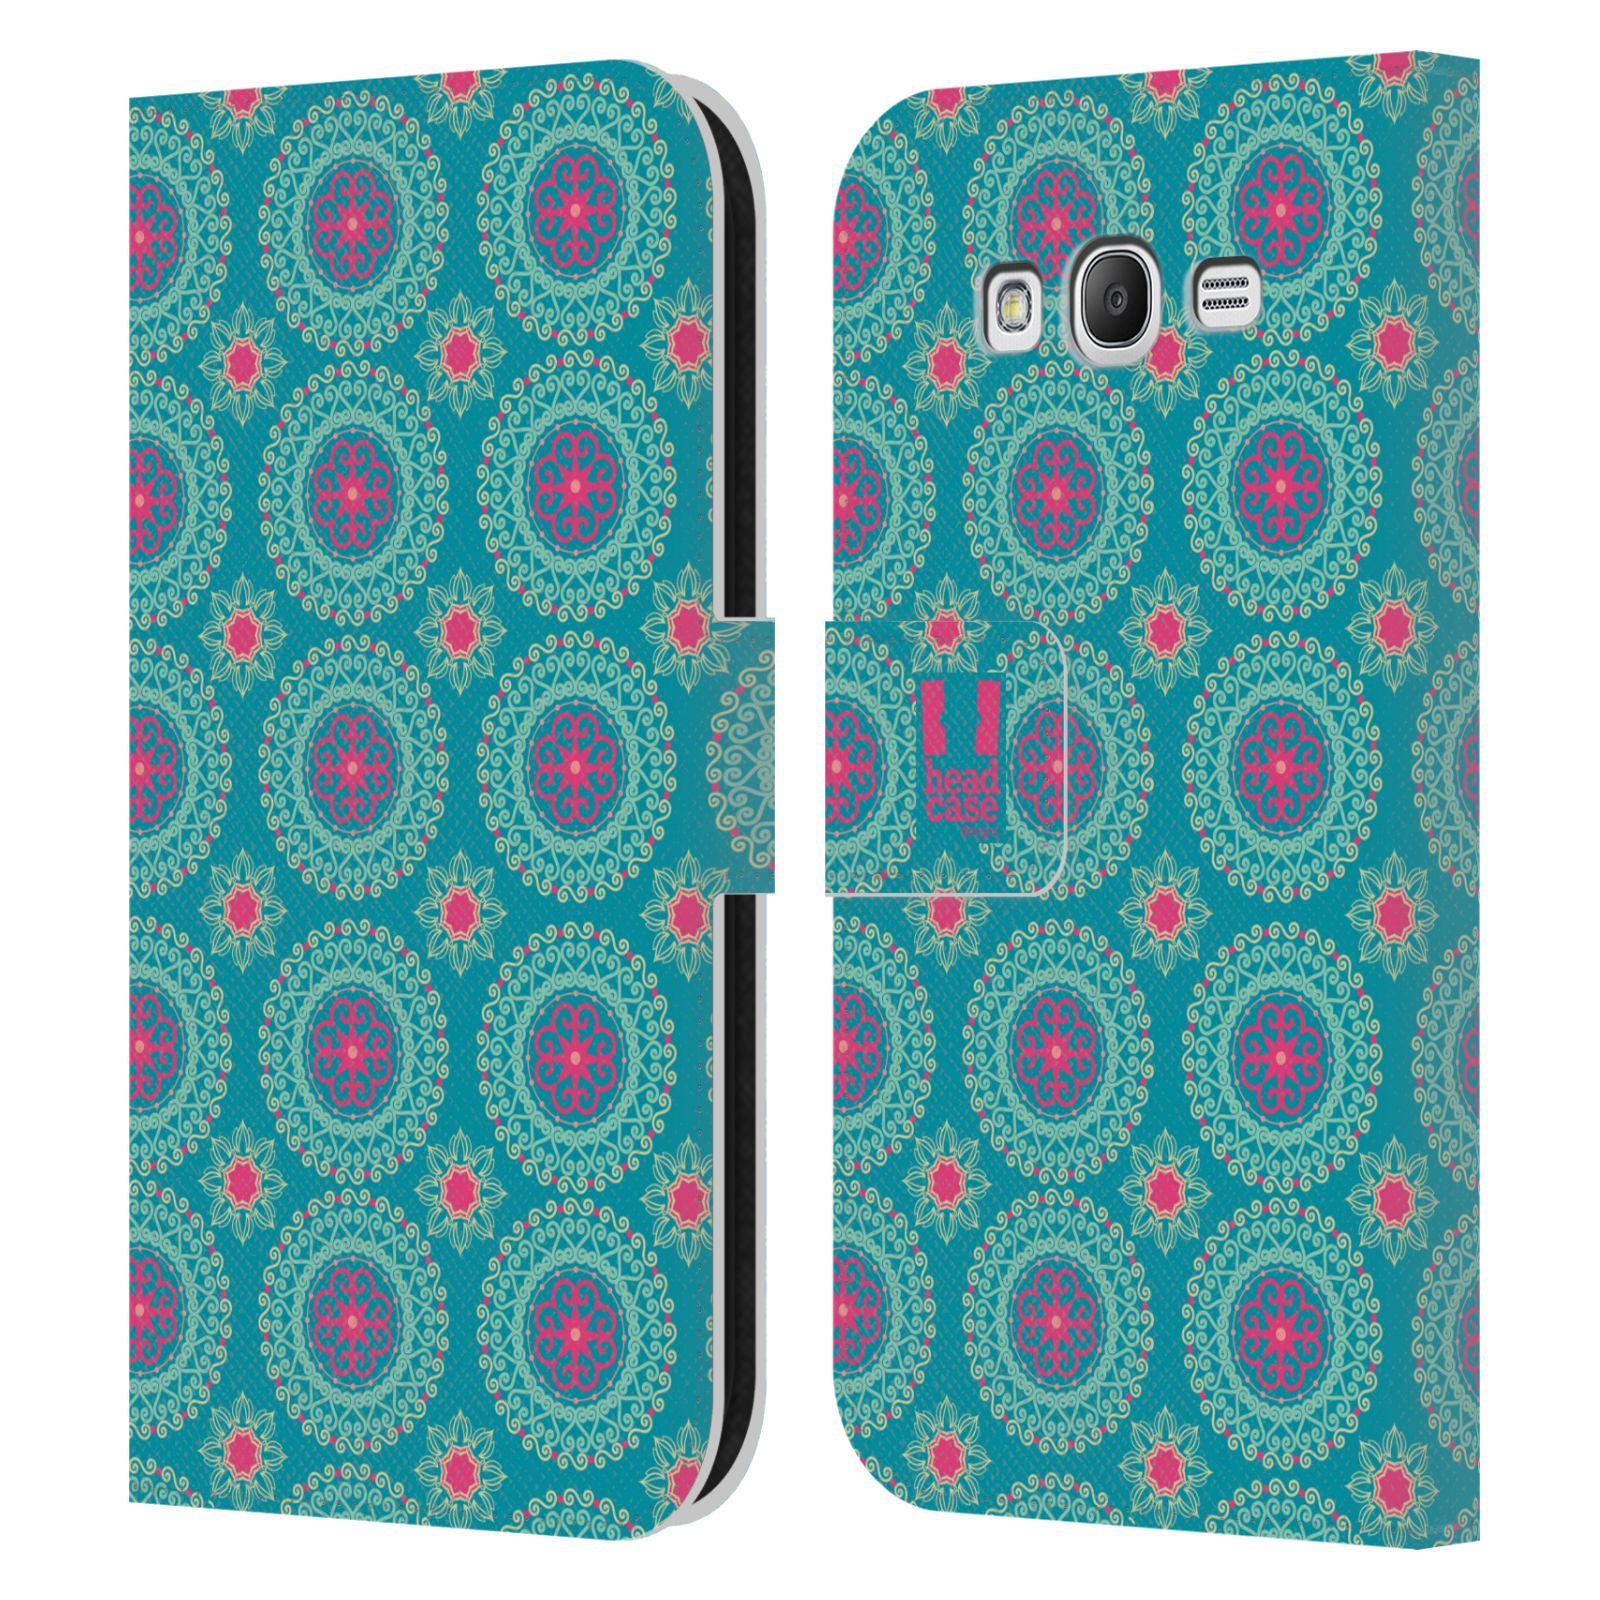 HEAD CASE Flipové pouzdro pro mobil Samsung Galaxy Grand i9080 Slovanský vzor modrá/tyrkysová barva kaleidoskop